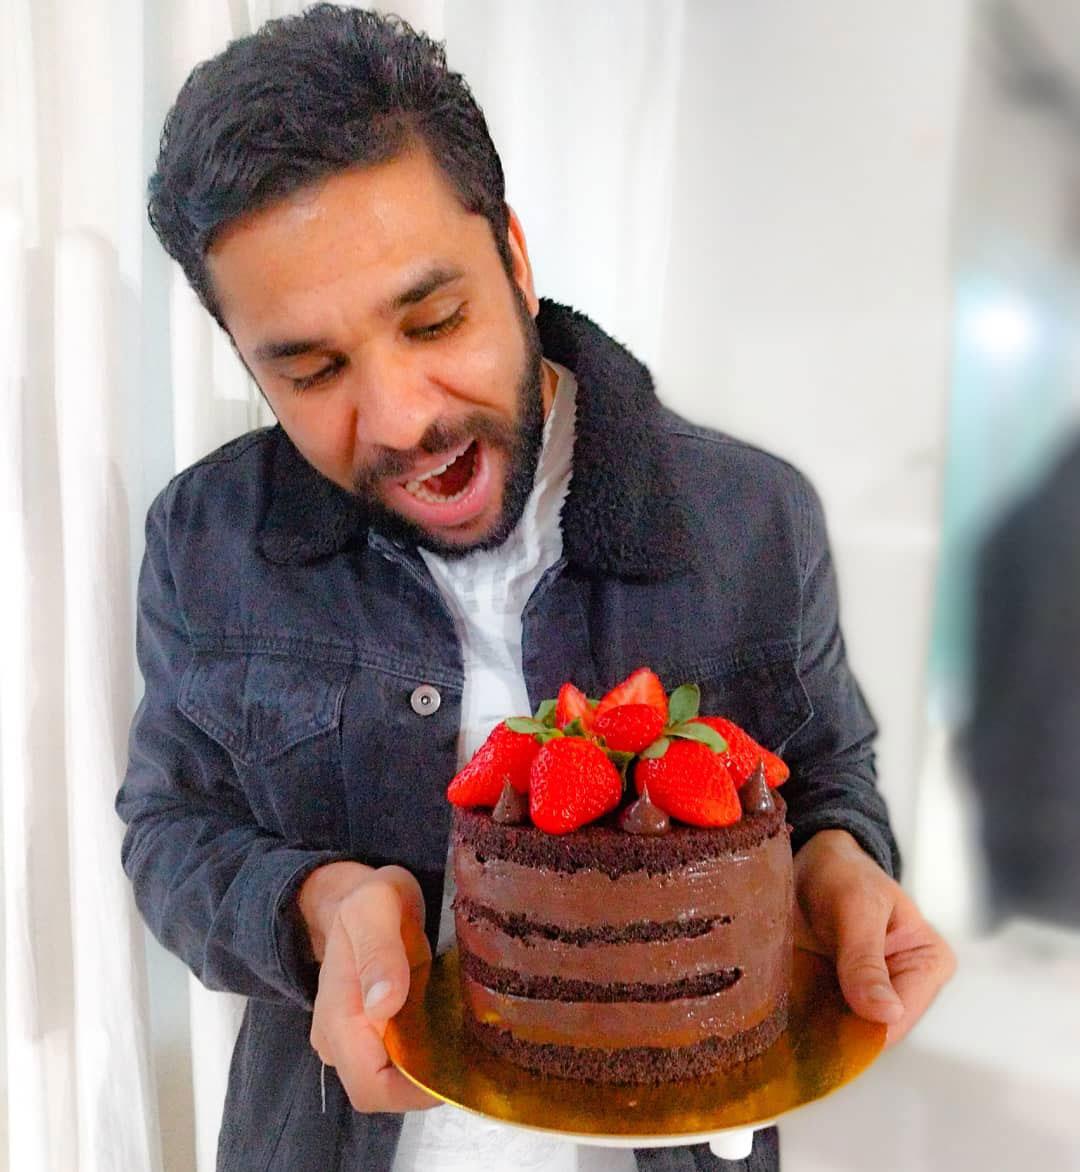 homem segurando bolo chocolate cobertura morango